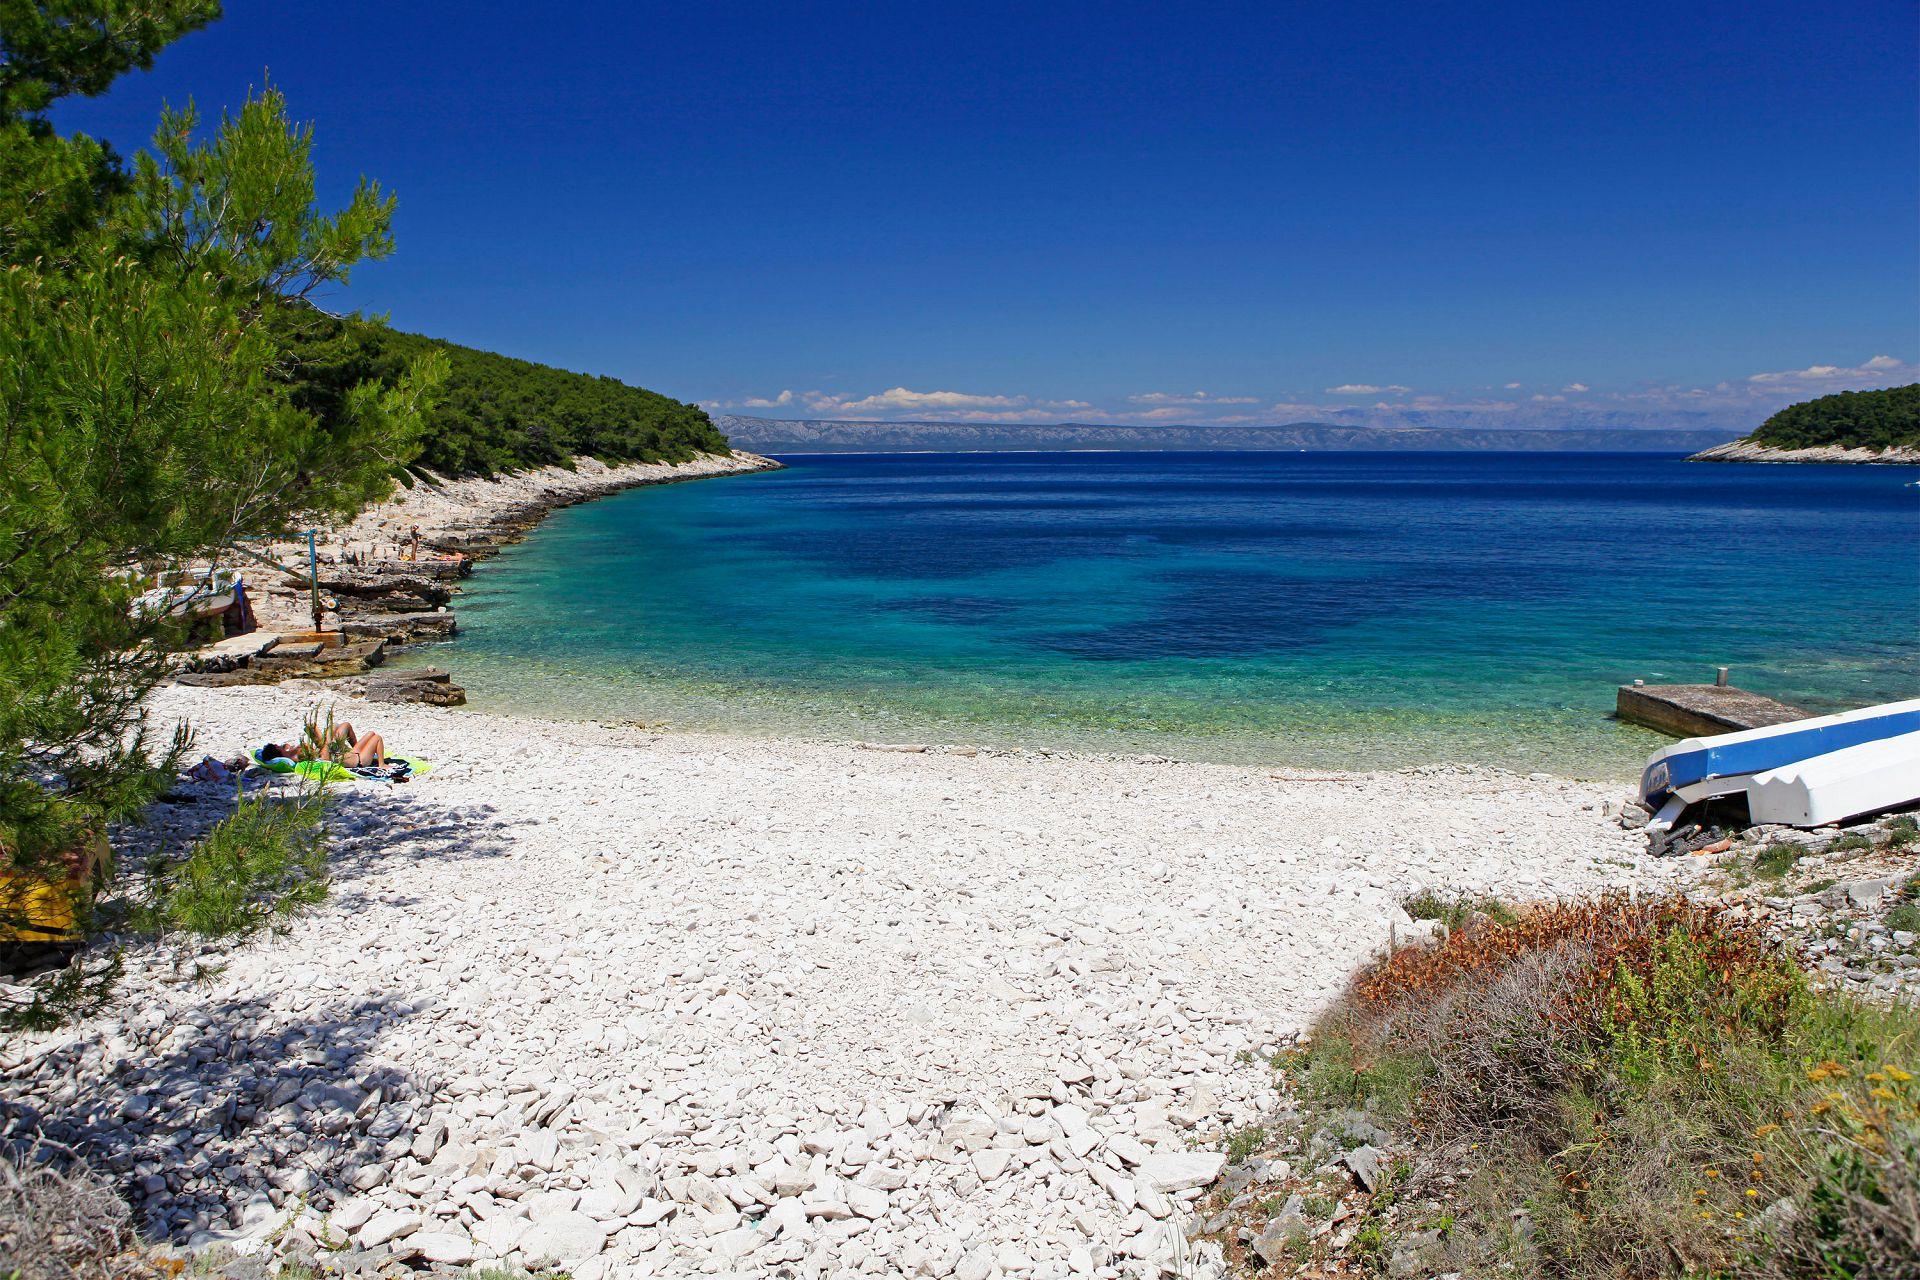 00614VLUK - Bucht Tankaraca (Vela Luka) - Unterkunft in Buchten Kroatien - Strand